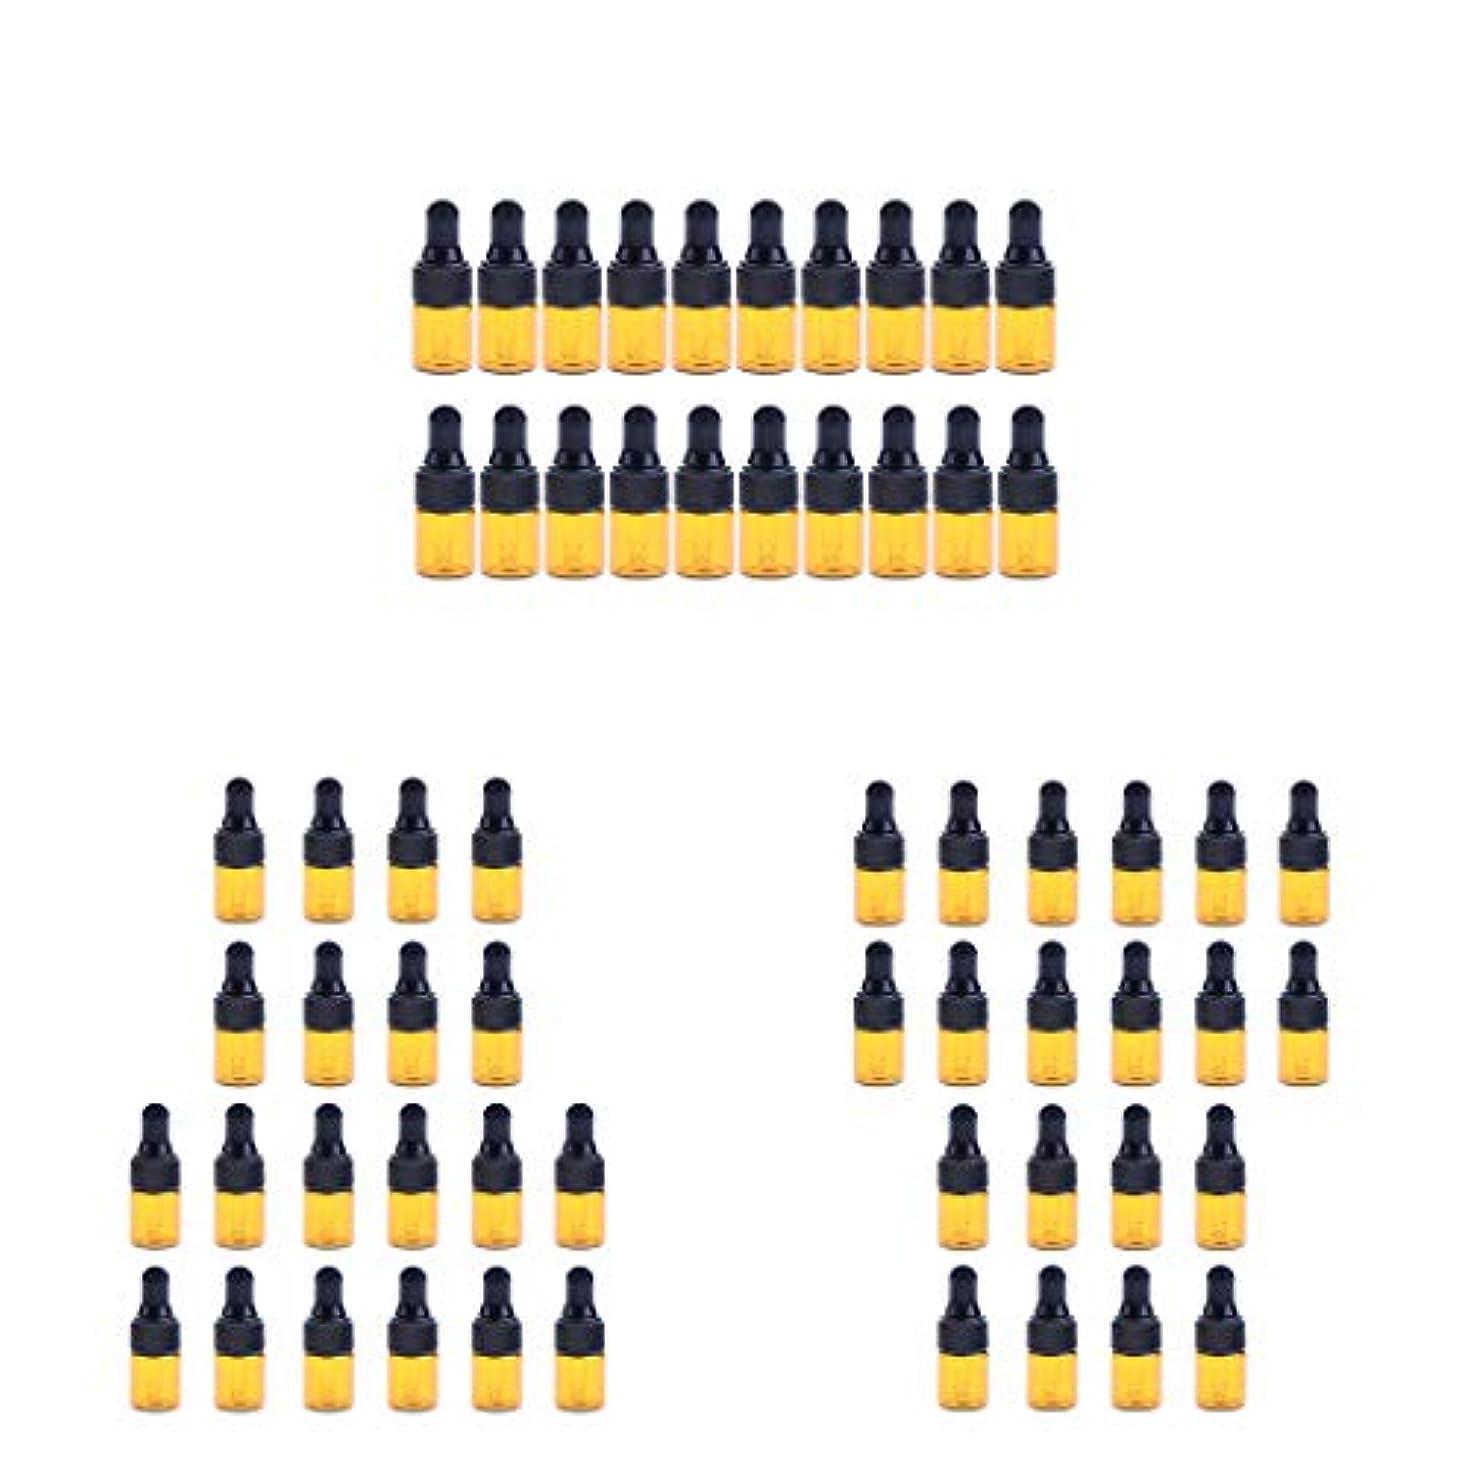 オンス禁止する国民投票Hellery エッセンシャルオイル ボトル ガラスボトル スポイト 茶色 遮光ボトル 精油ボトル